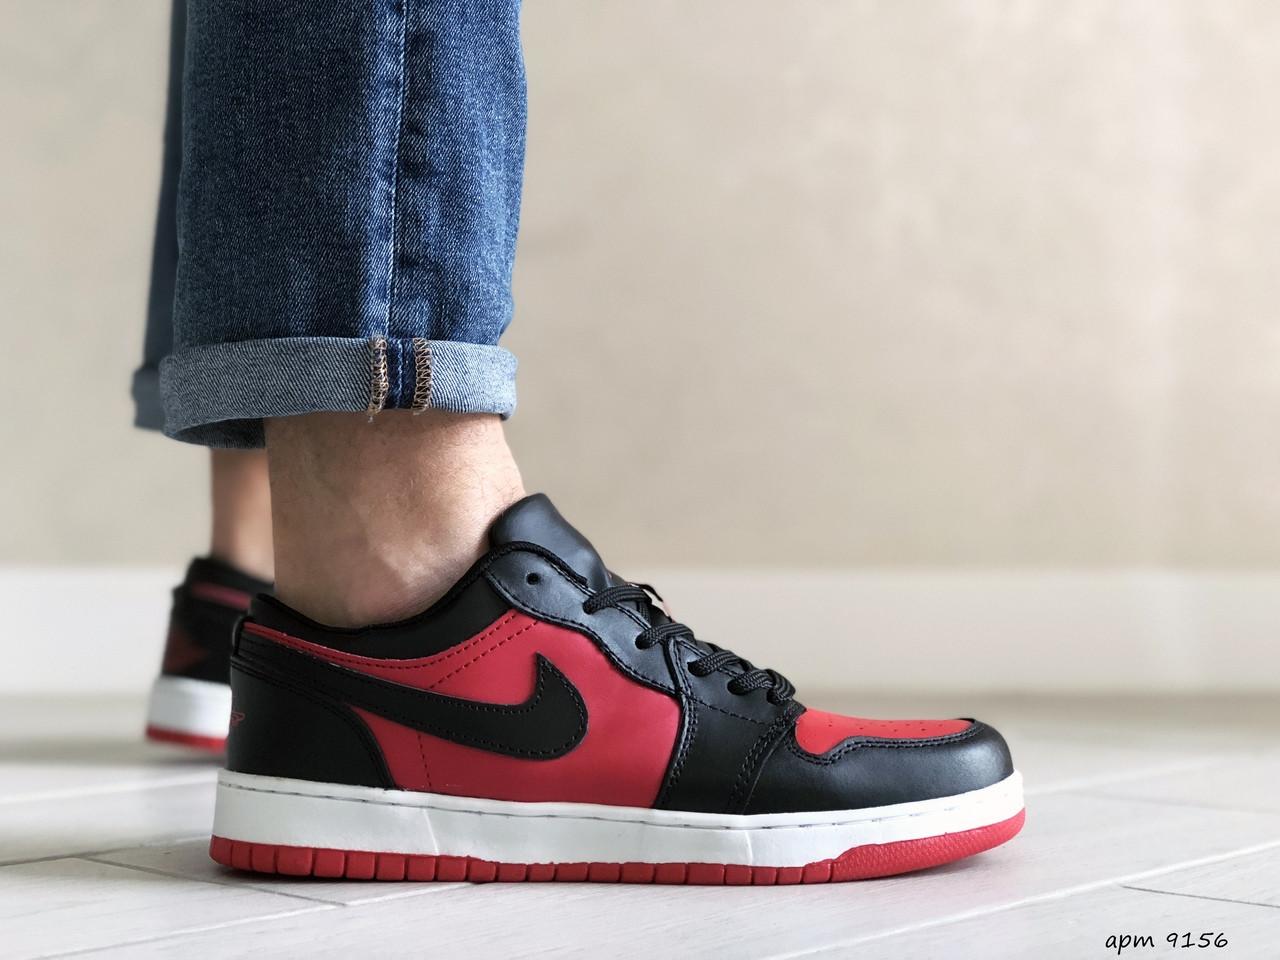 Мужские кожаные кроссовки Nike Air Jordan 1 Low (красно-черные) 9156